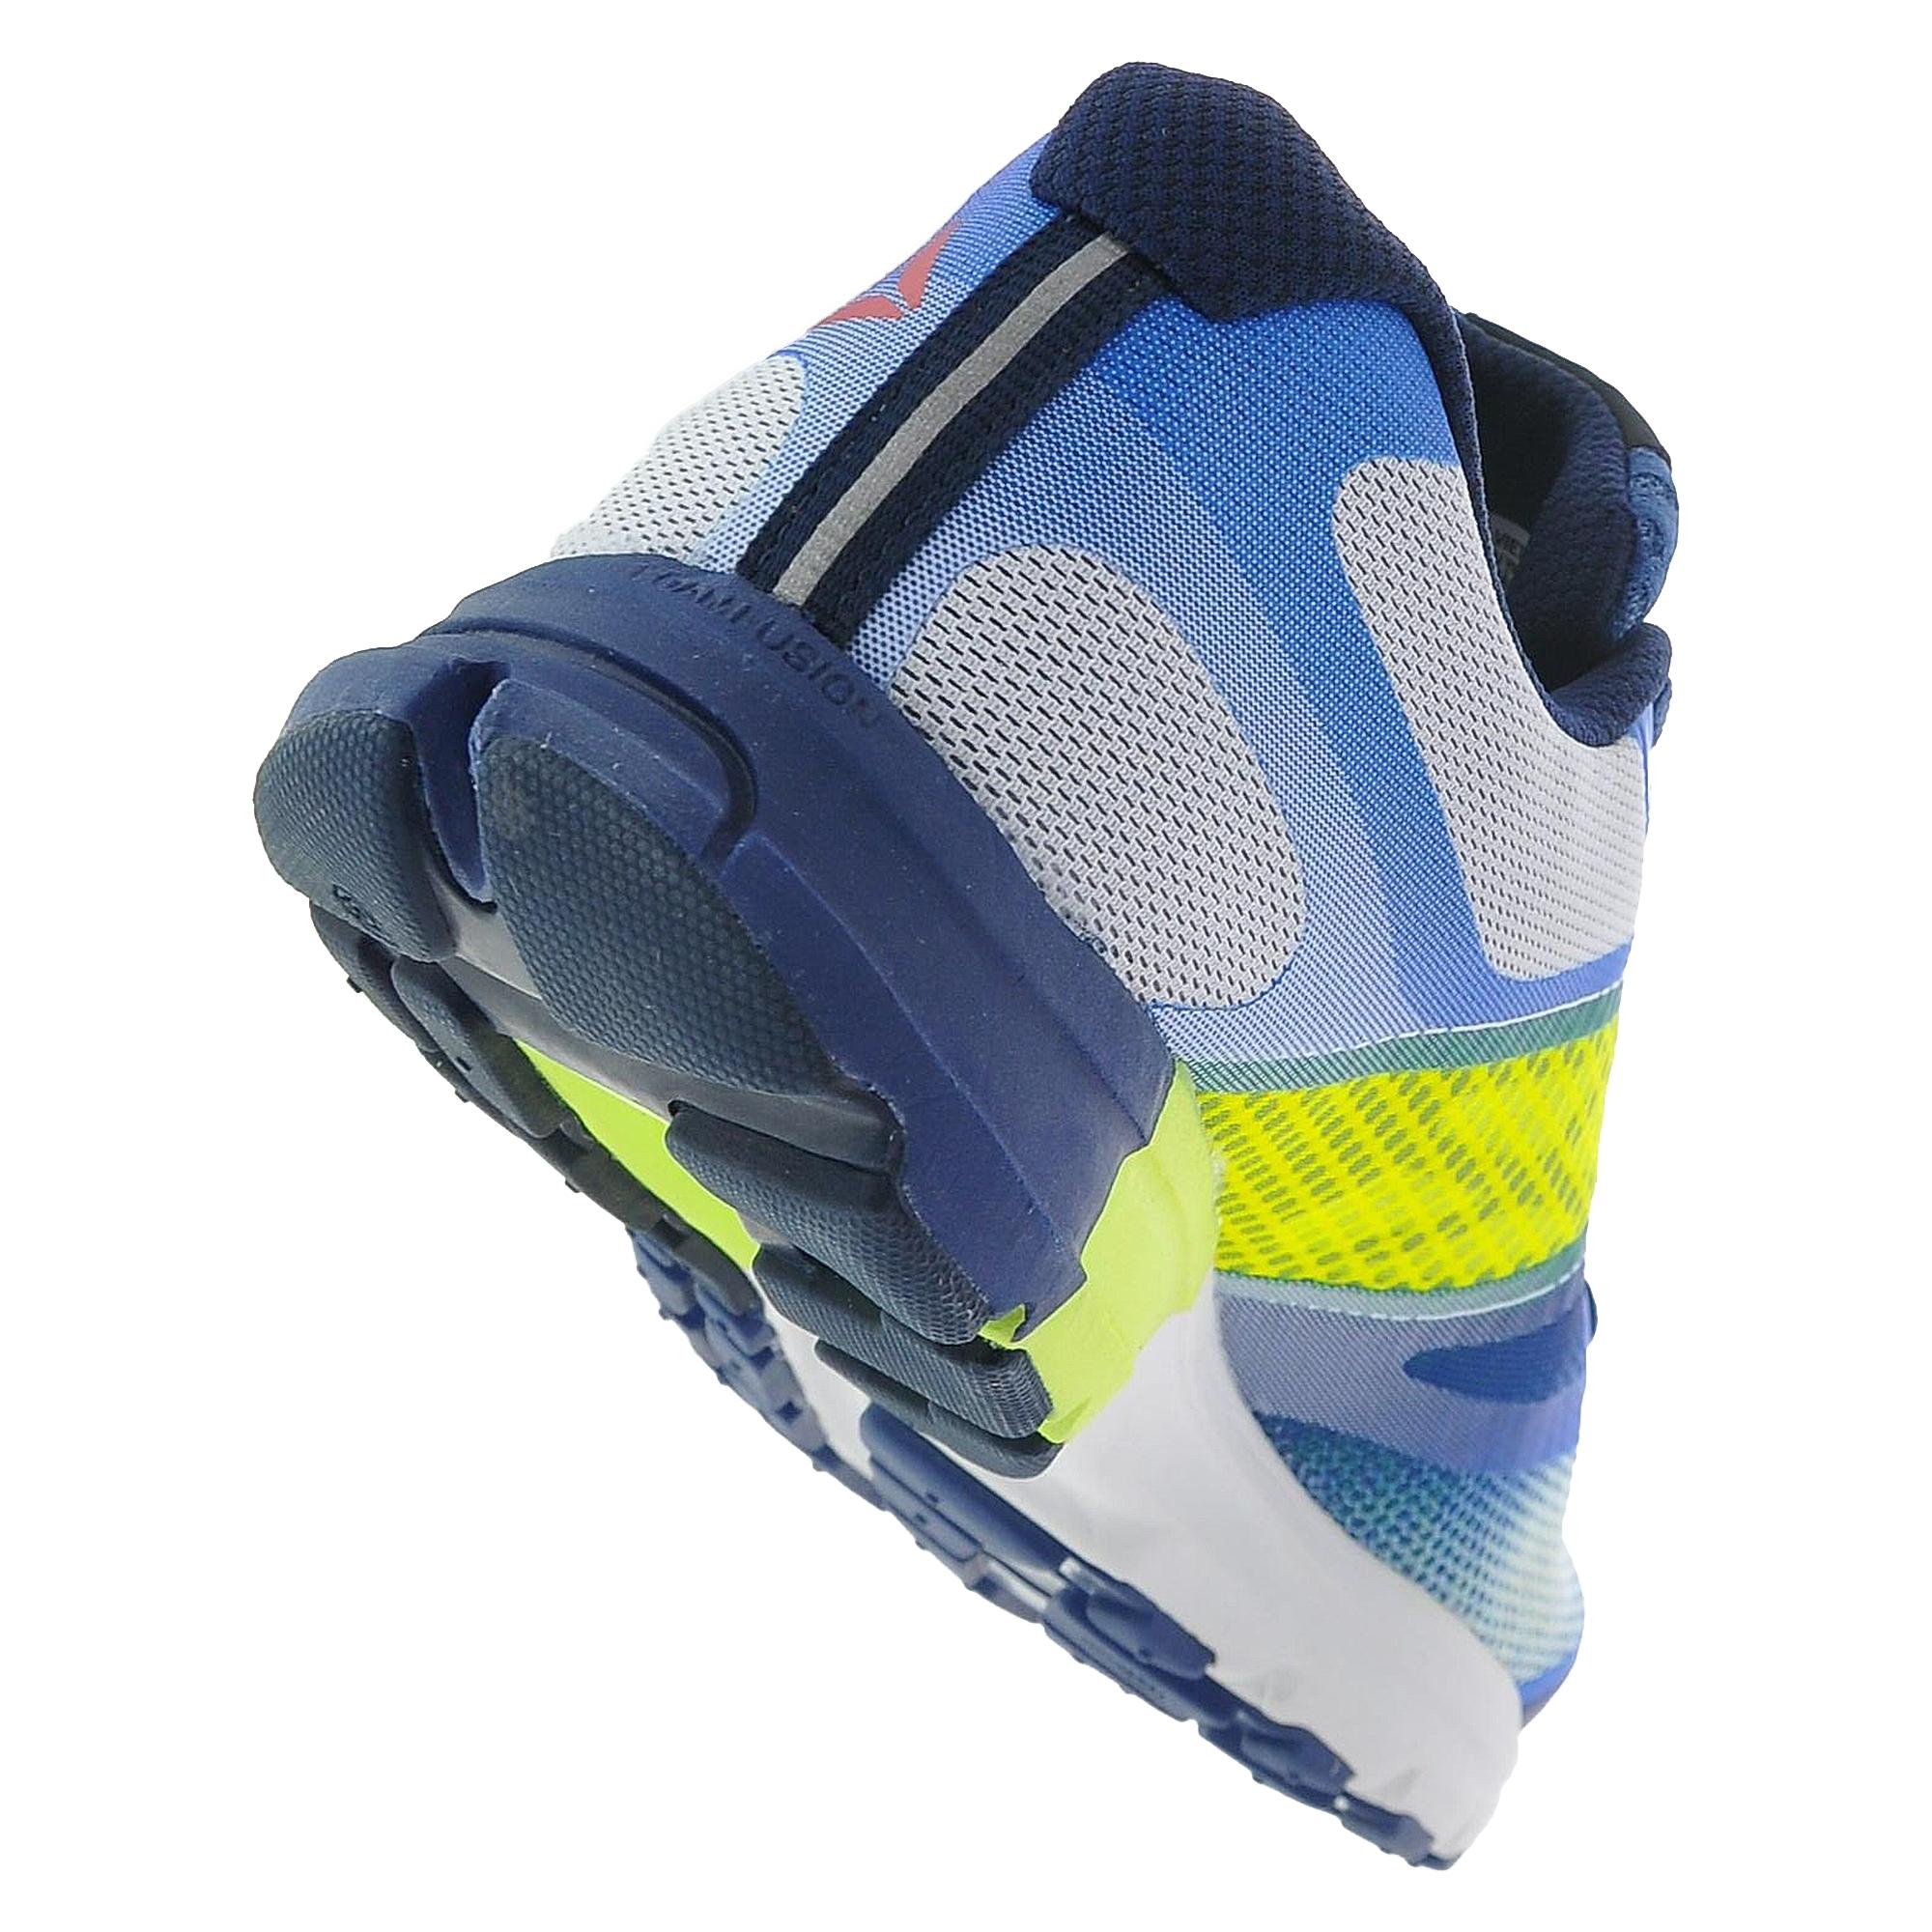 reebok one cushion 20 ss15 kadın spor ayakkabı m47709